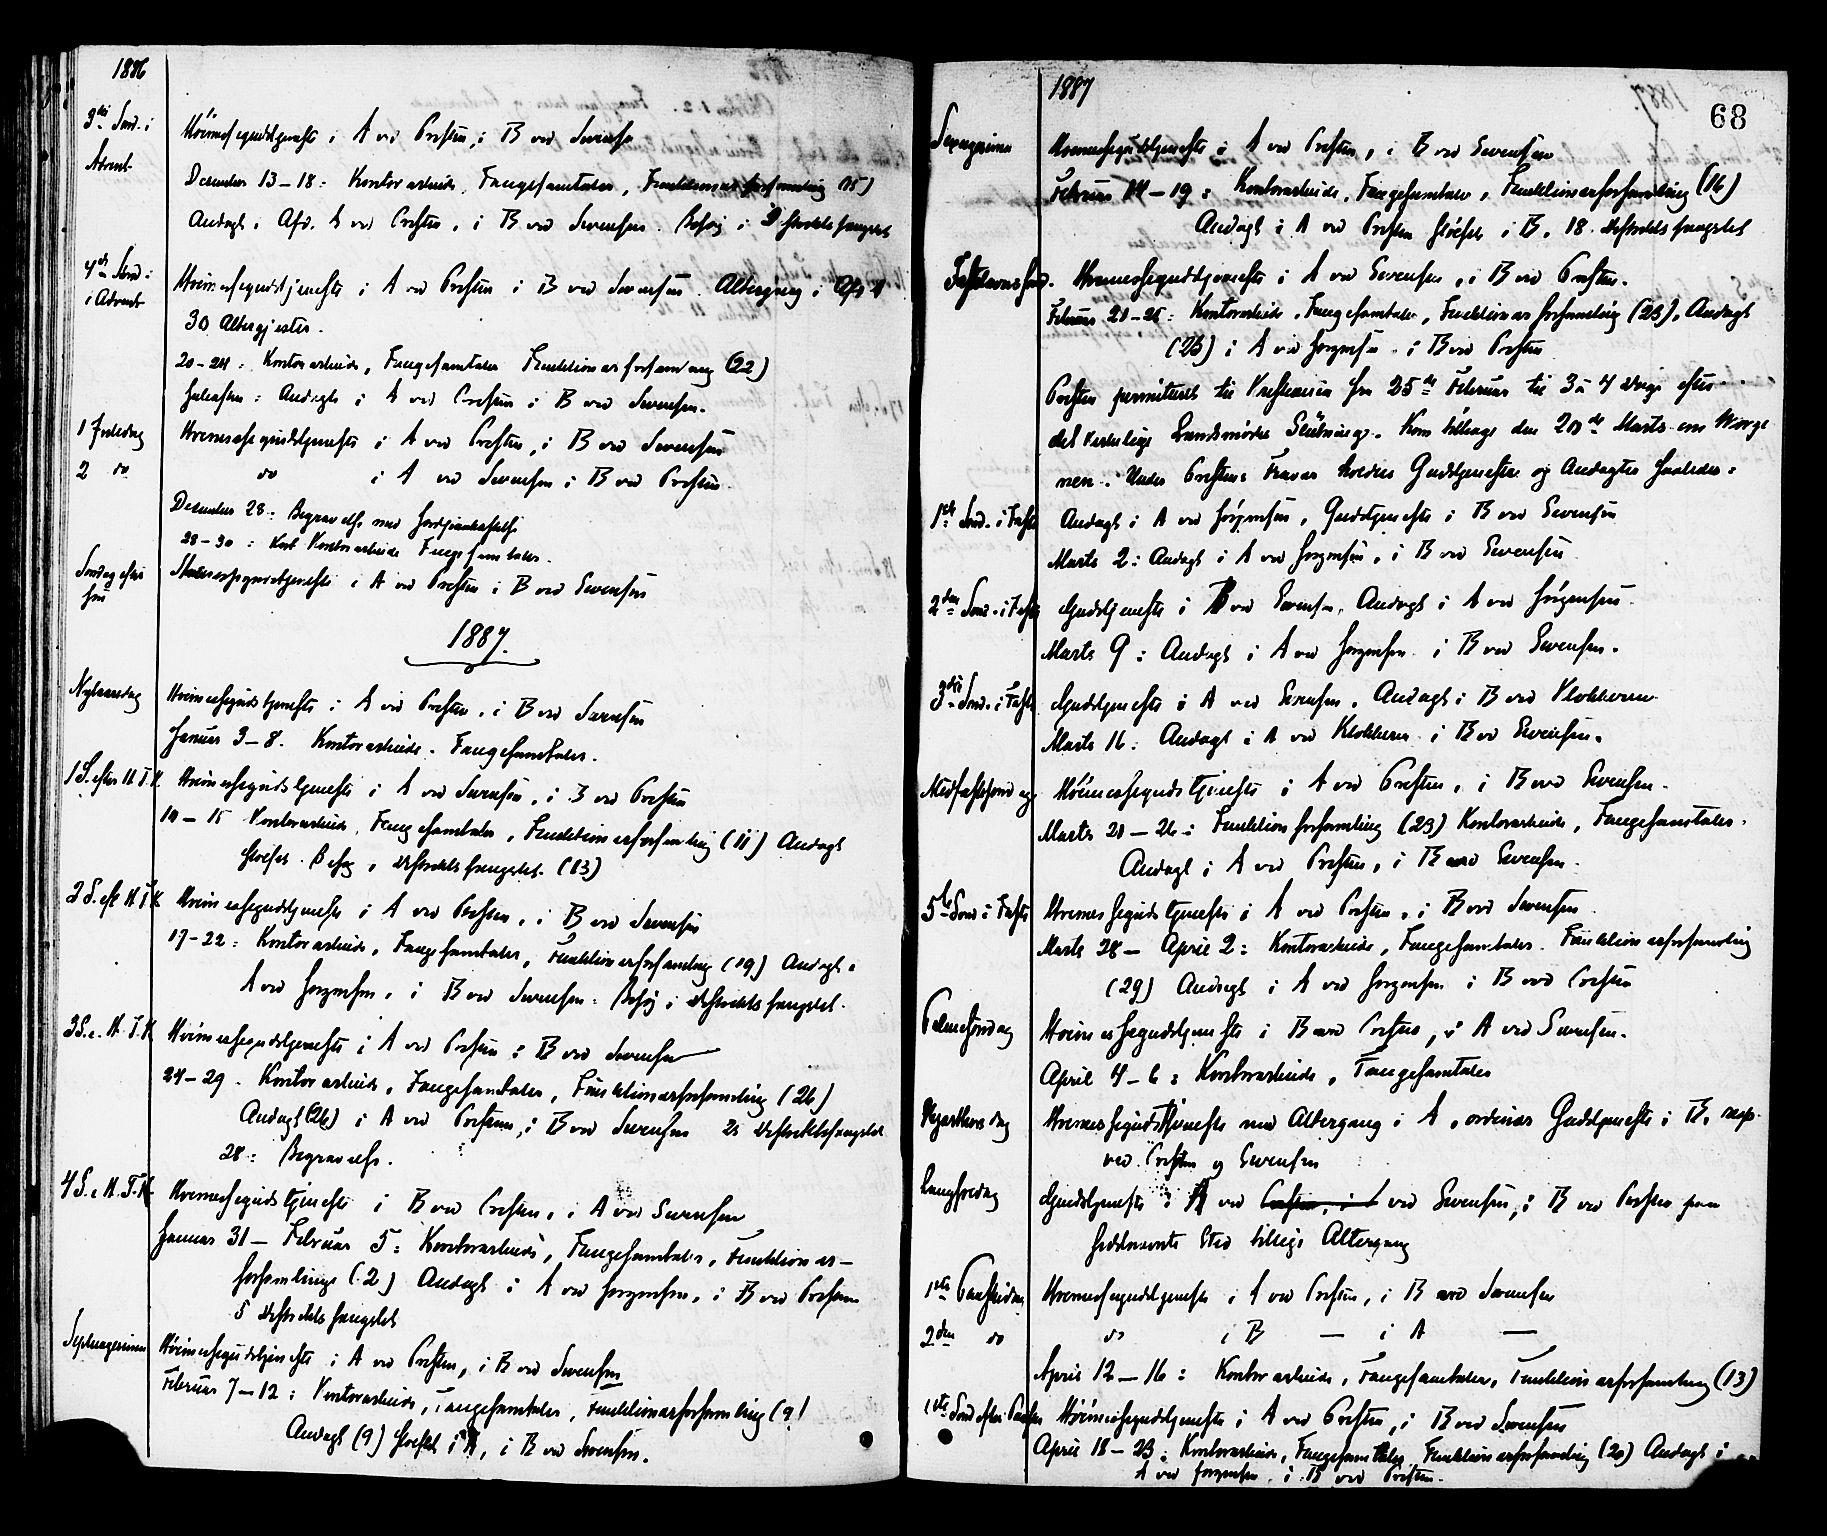 SAT, Ministerialprotokoller, klokkerbøker og fødselsregistre - Sør-Trøndelag, 624/L0482: Ministerialbok nr. 624A03, 1870-1918, s. 68